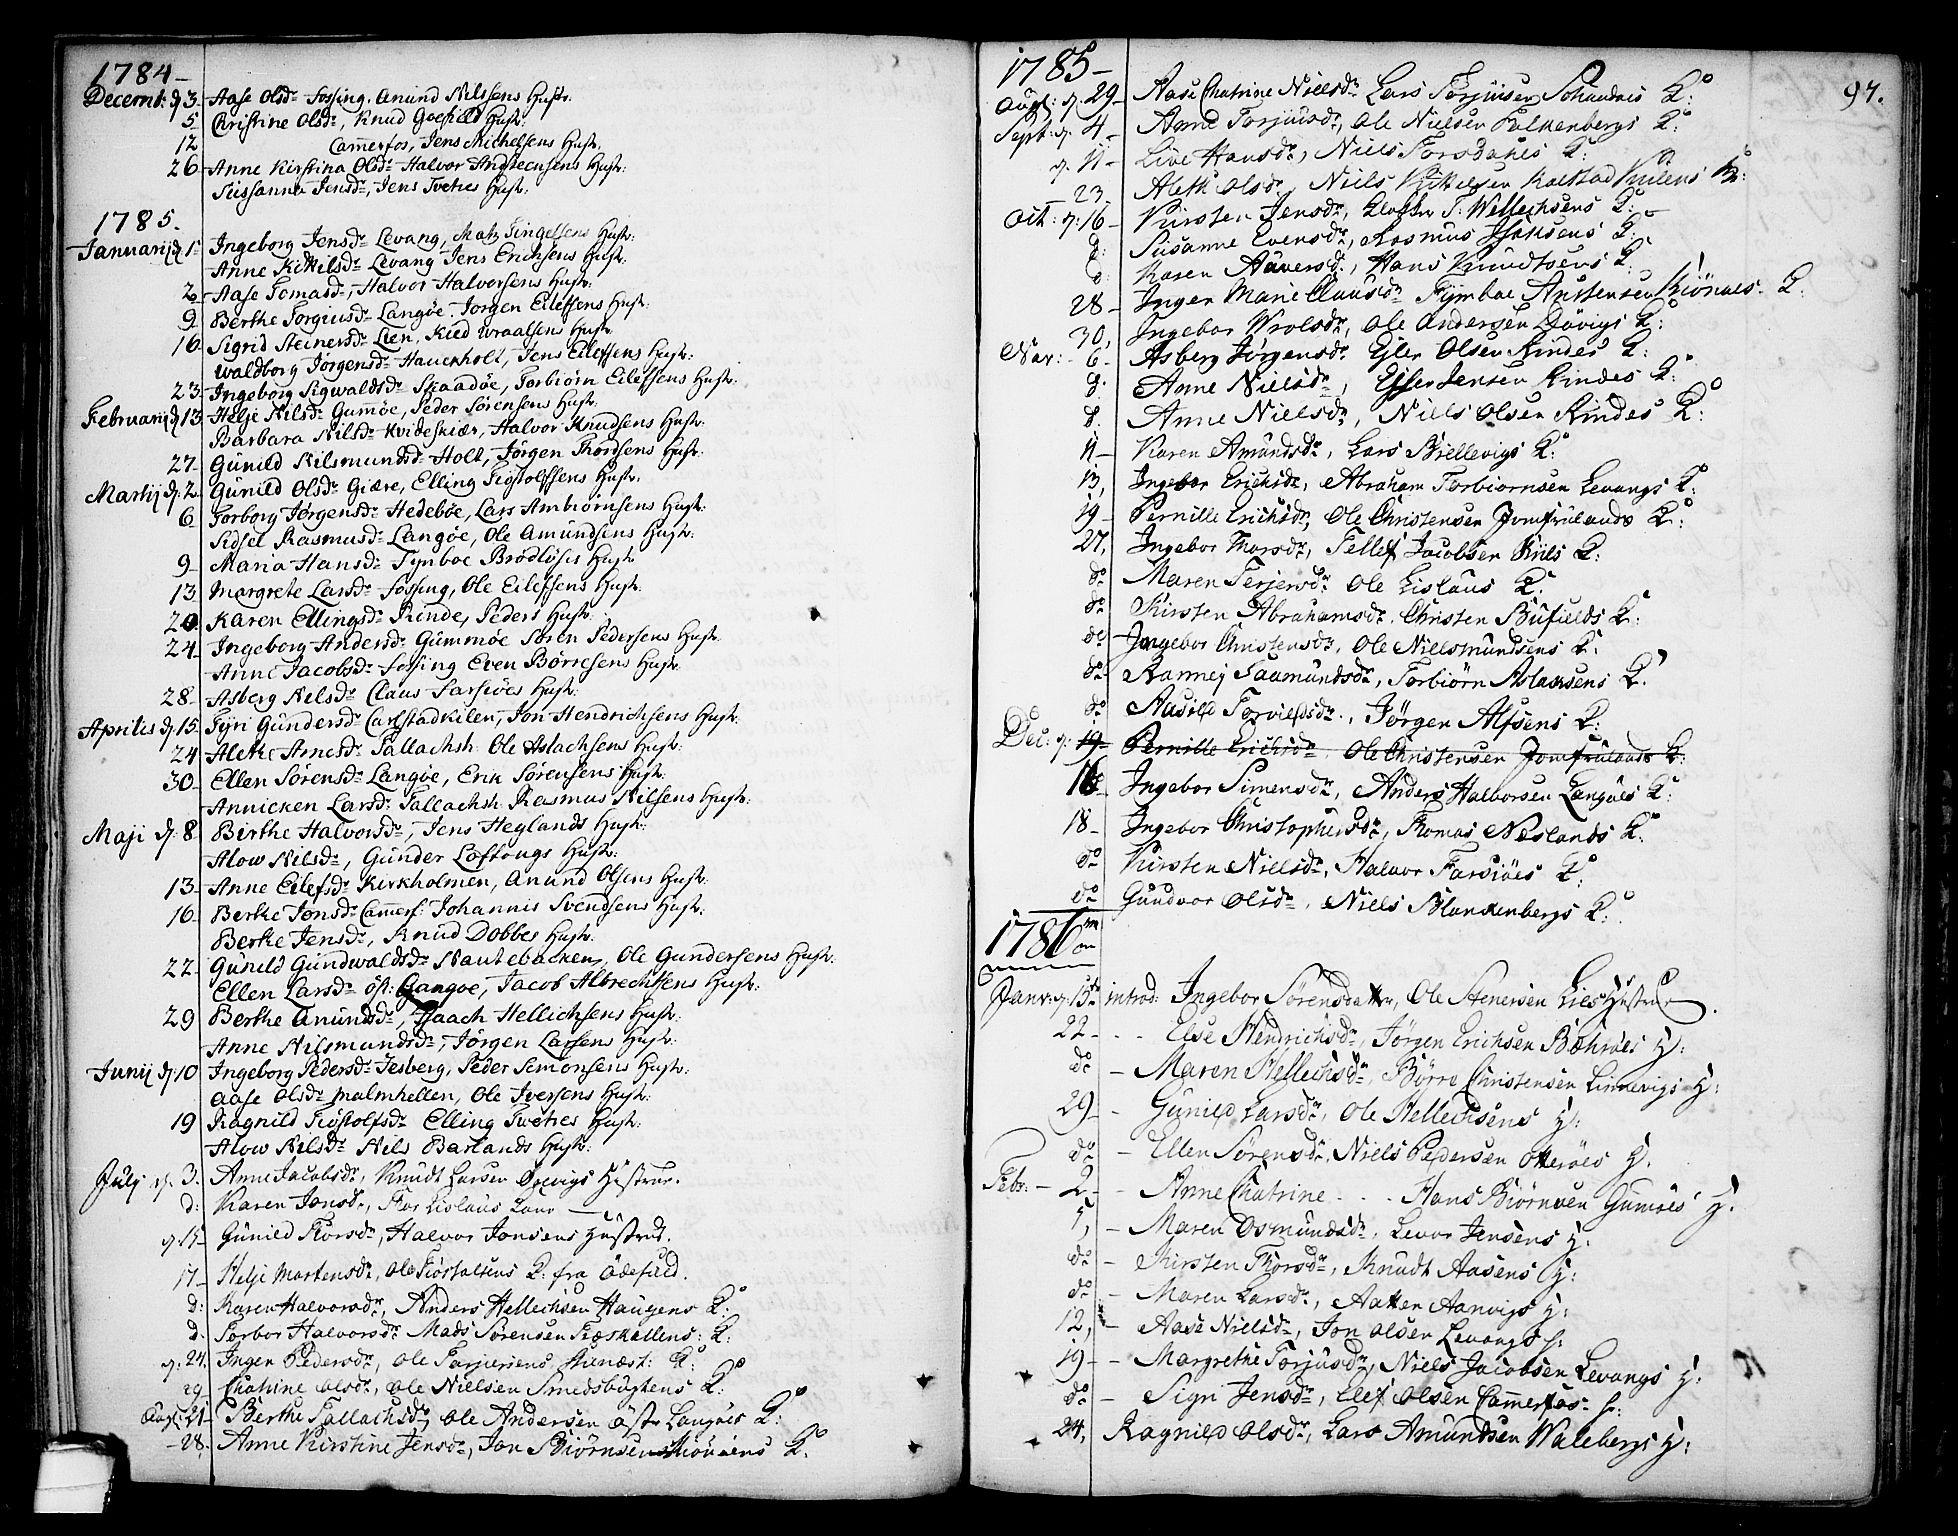 SAKO, Sannidal kirkebøker, F/Fa/L0002: Ministerialbok nr. 2, 1767-1802, s. 97